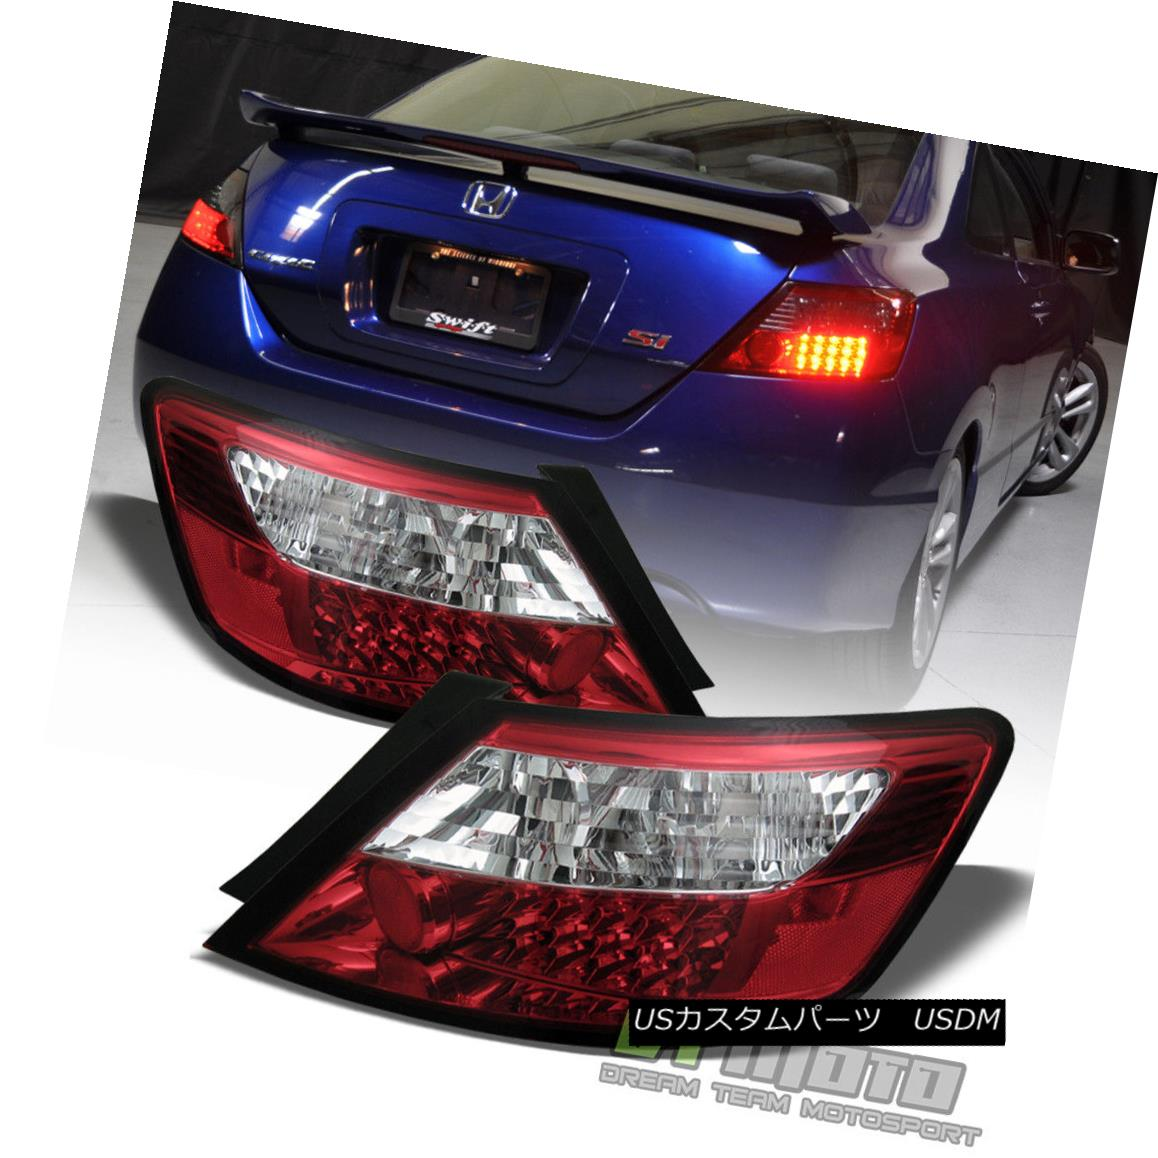 テールライト For 2006-2011 Honda Civic Coupe Lumileds LED Red Clear Tail Lights Brake Lamps 2006?2011年ホンダシビッククーペLumileds LEDレッドクリアテールライトブレーキランプ